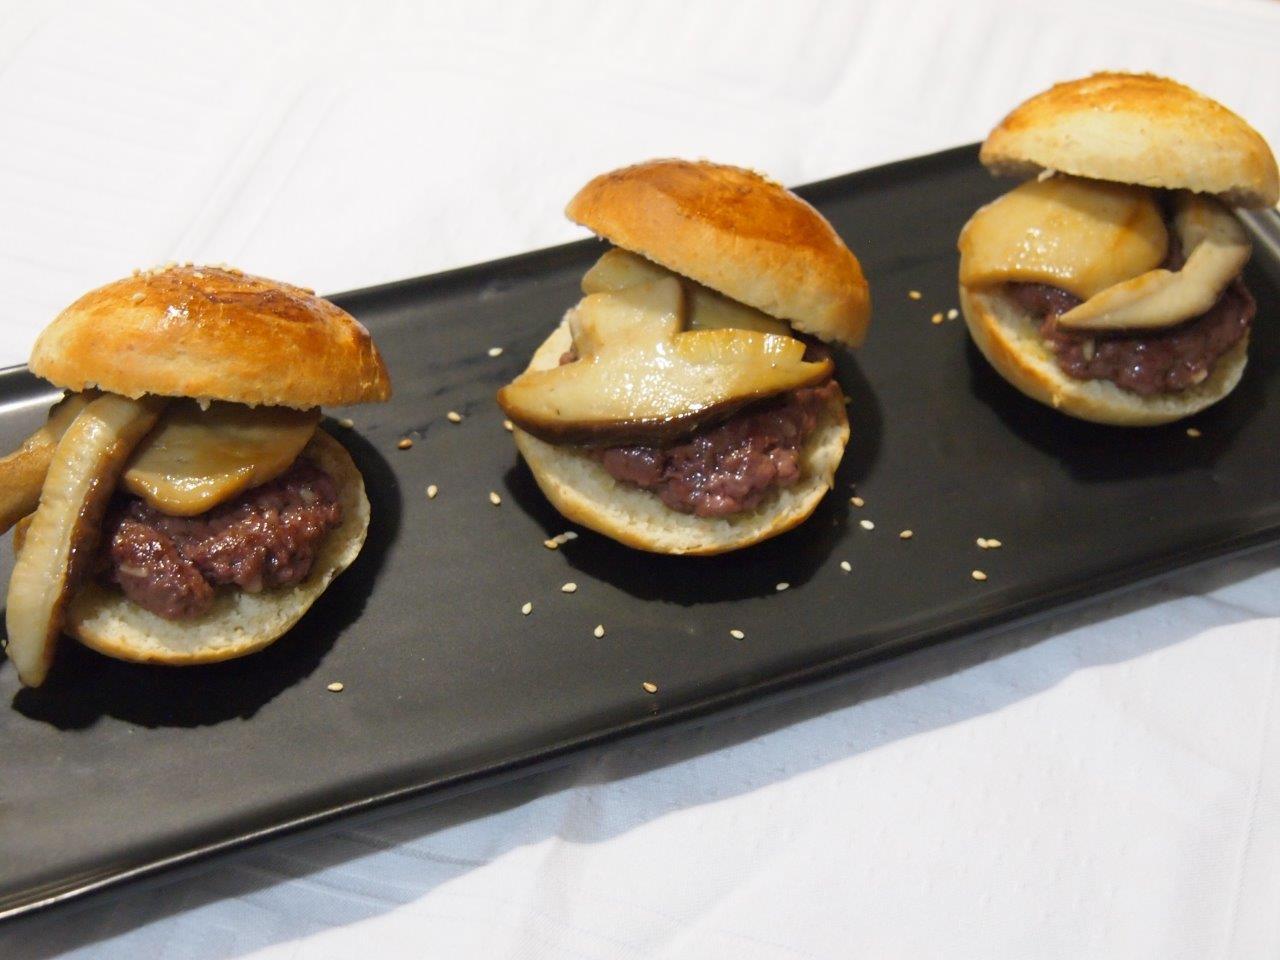 Mini-hamburguesas de avestruz con boletus confitados en pan dulce casero